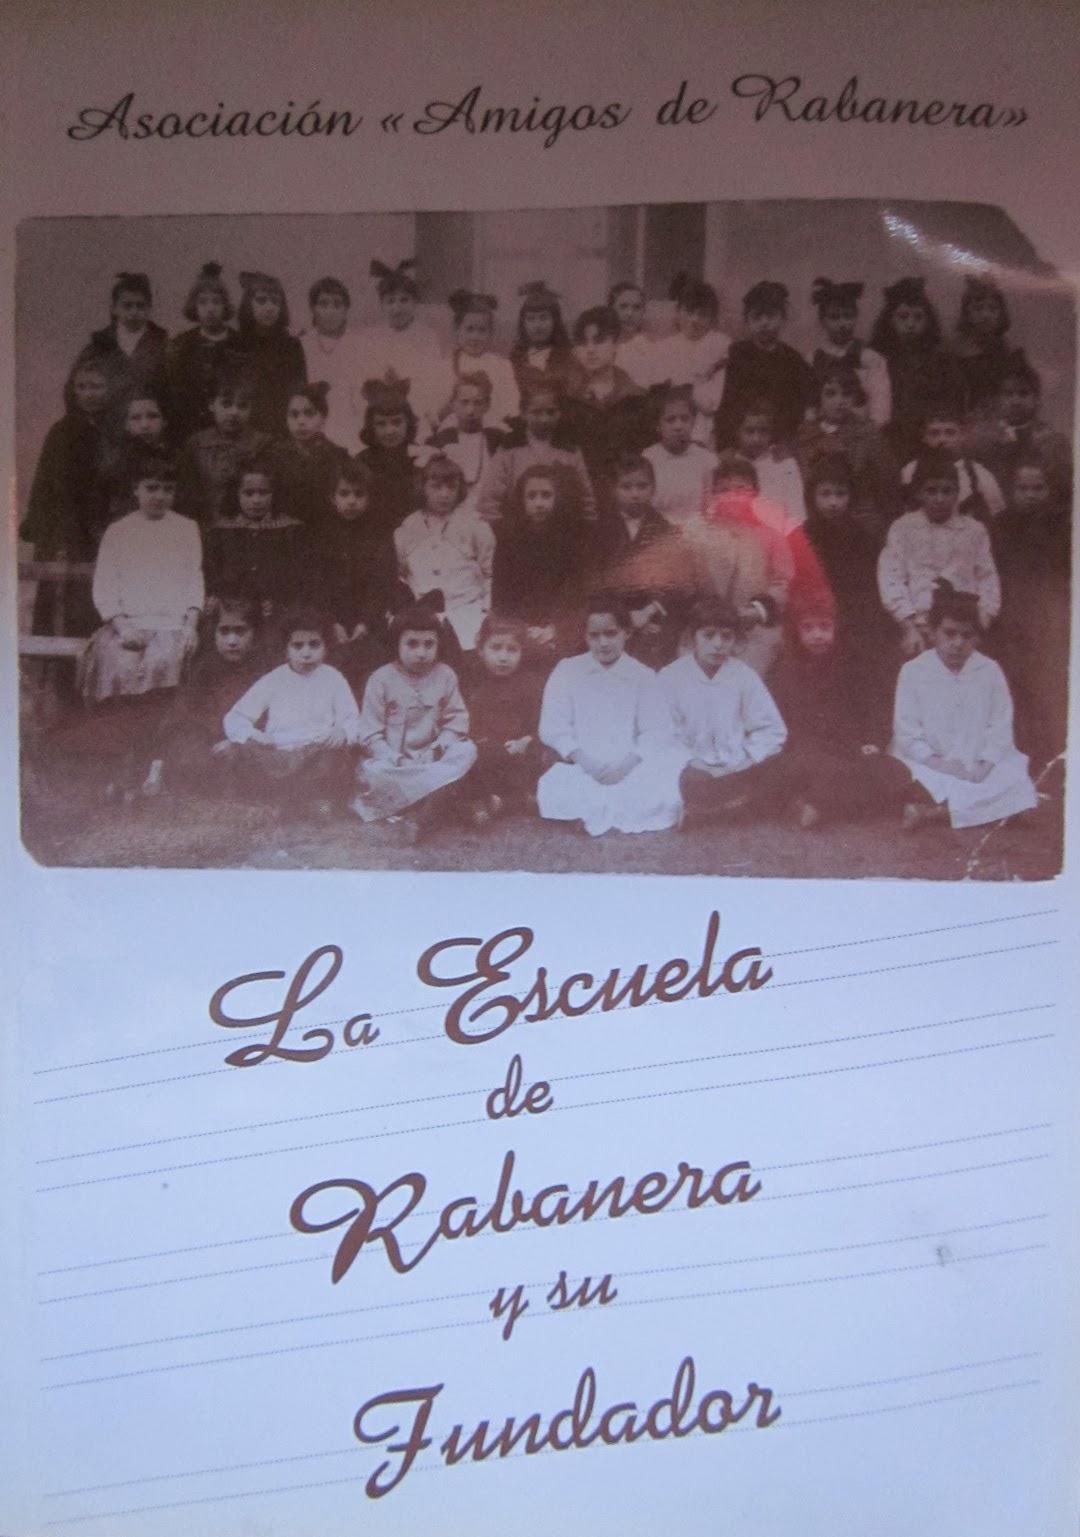 García Quintana, Manuel, La Escuela de Rabanera y su Fundador